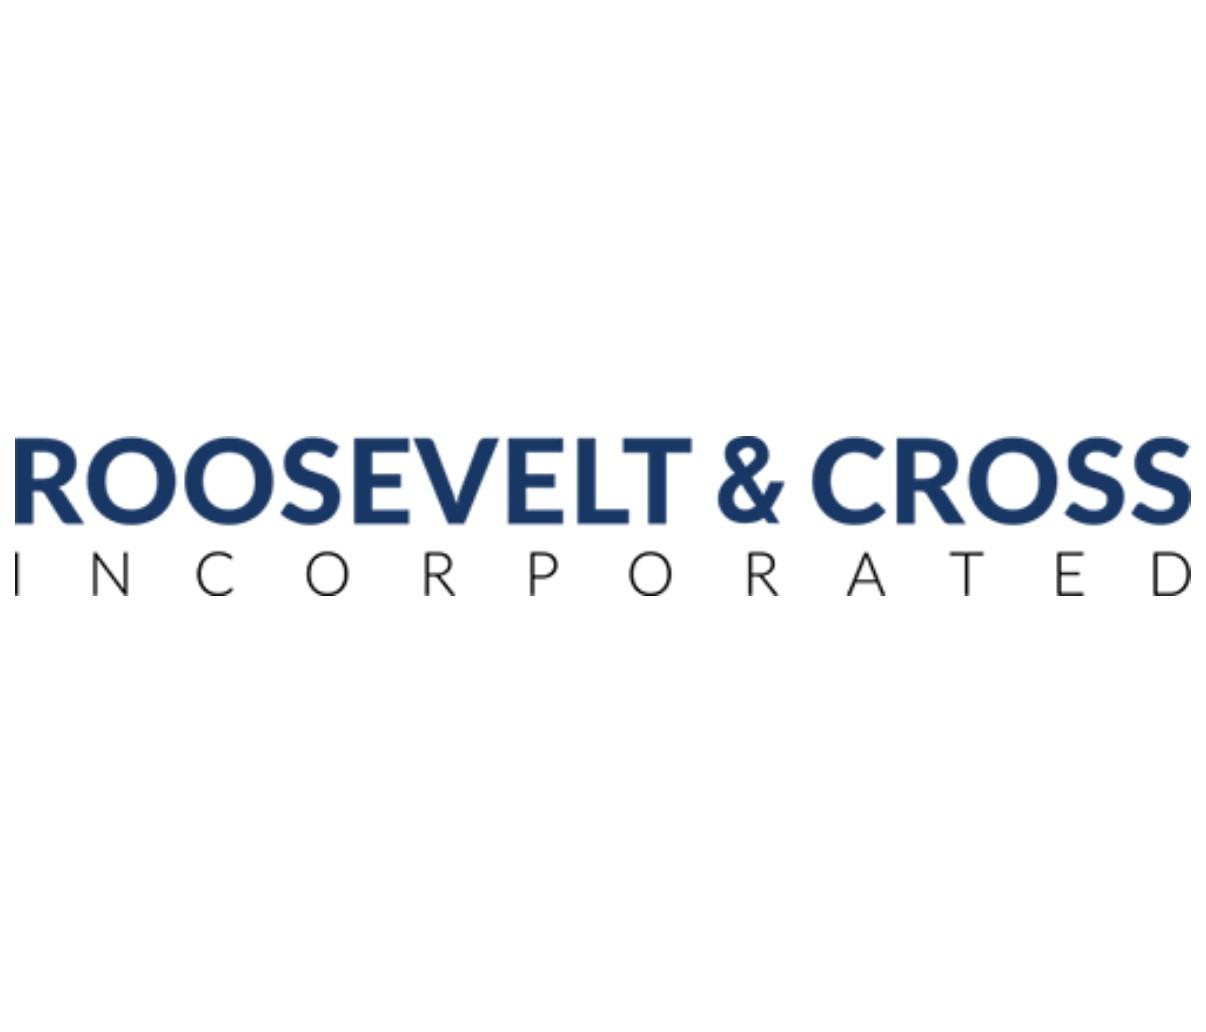 roosevelt-cross-new-logo-reel